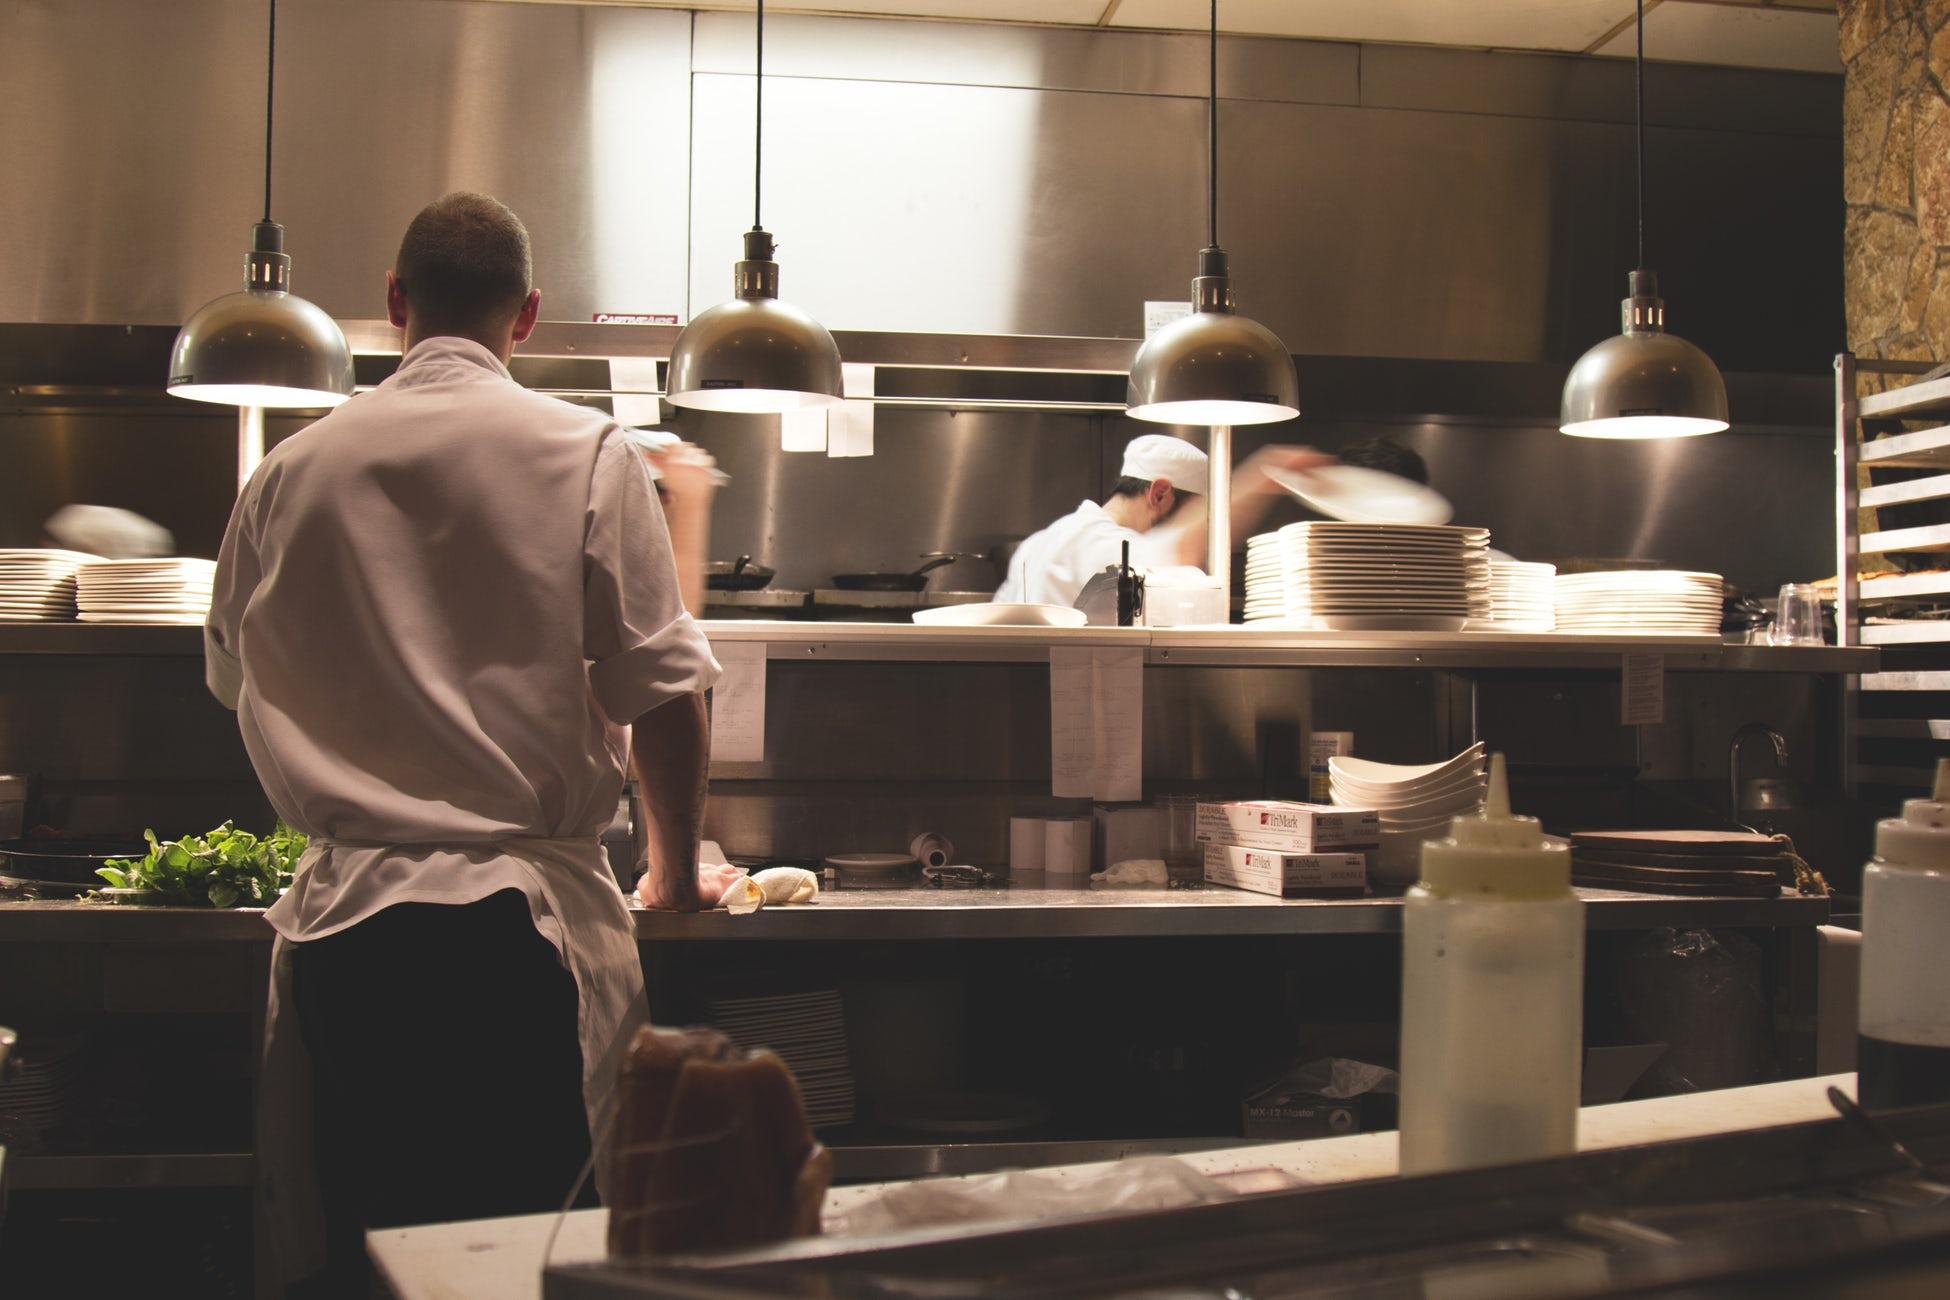 geração millennial e a gastronomia japonesa